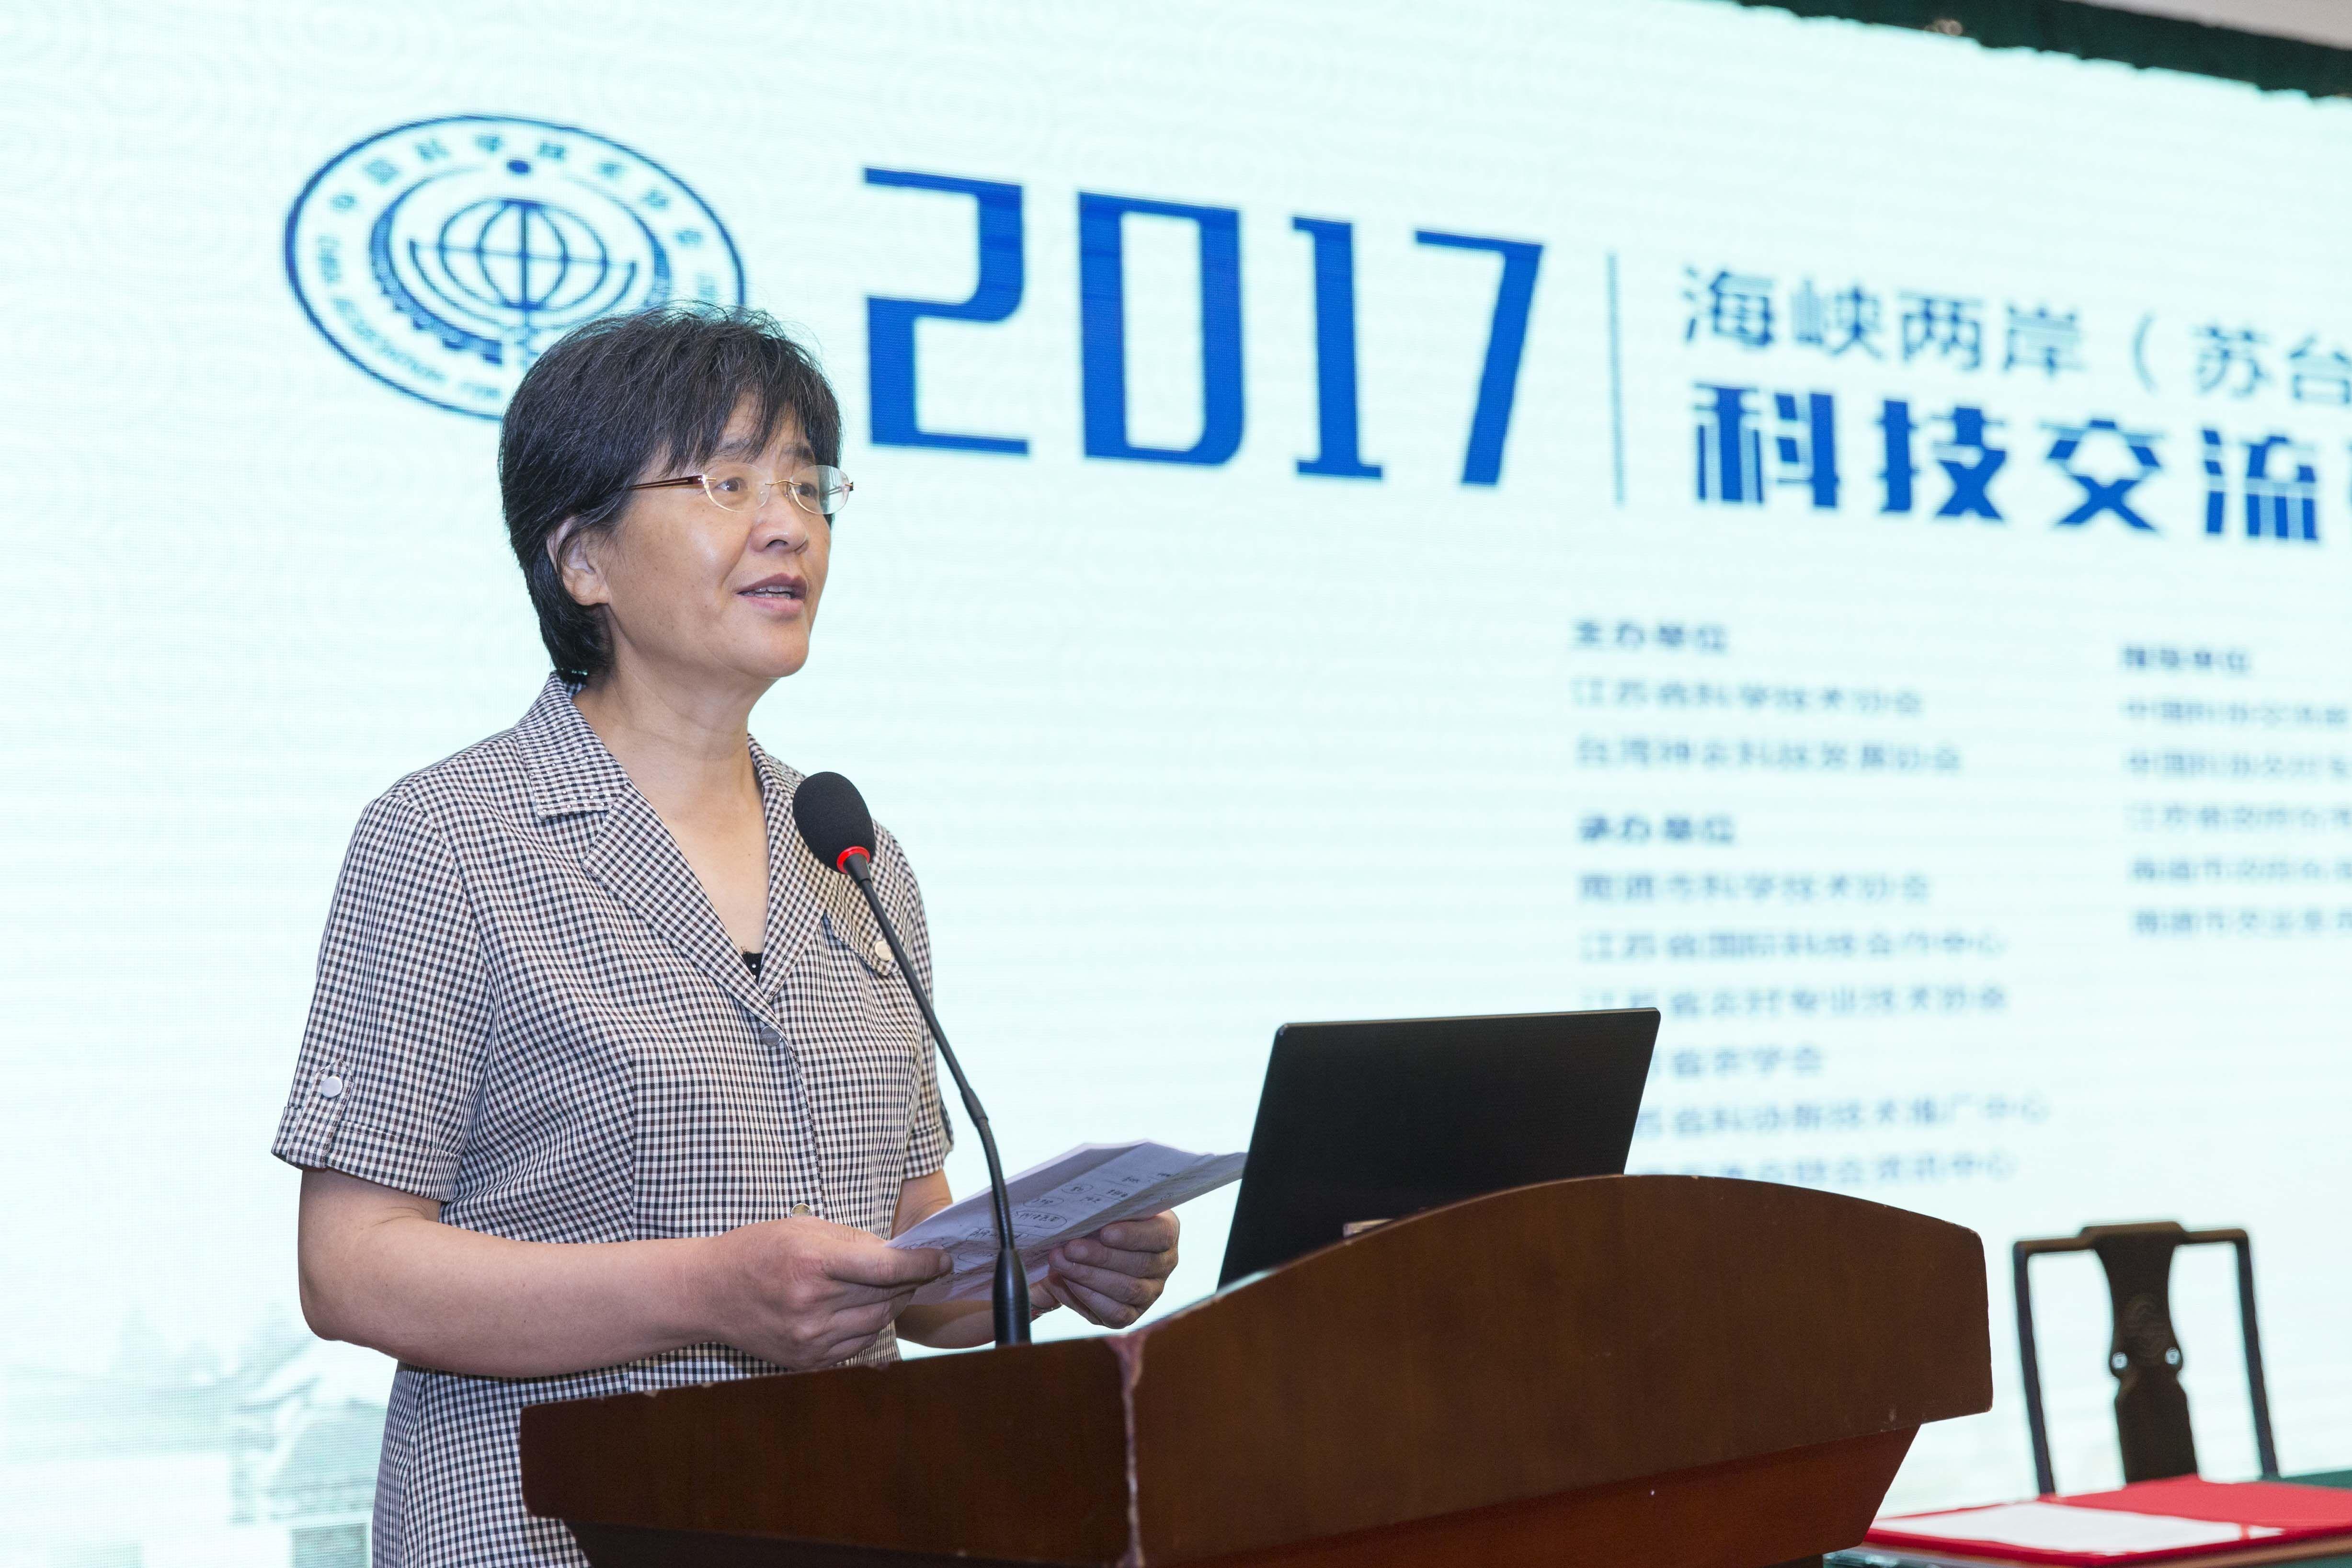 海峡两岸(苏台)农业特色小镇科技交流研讨会开幕